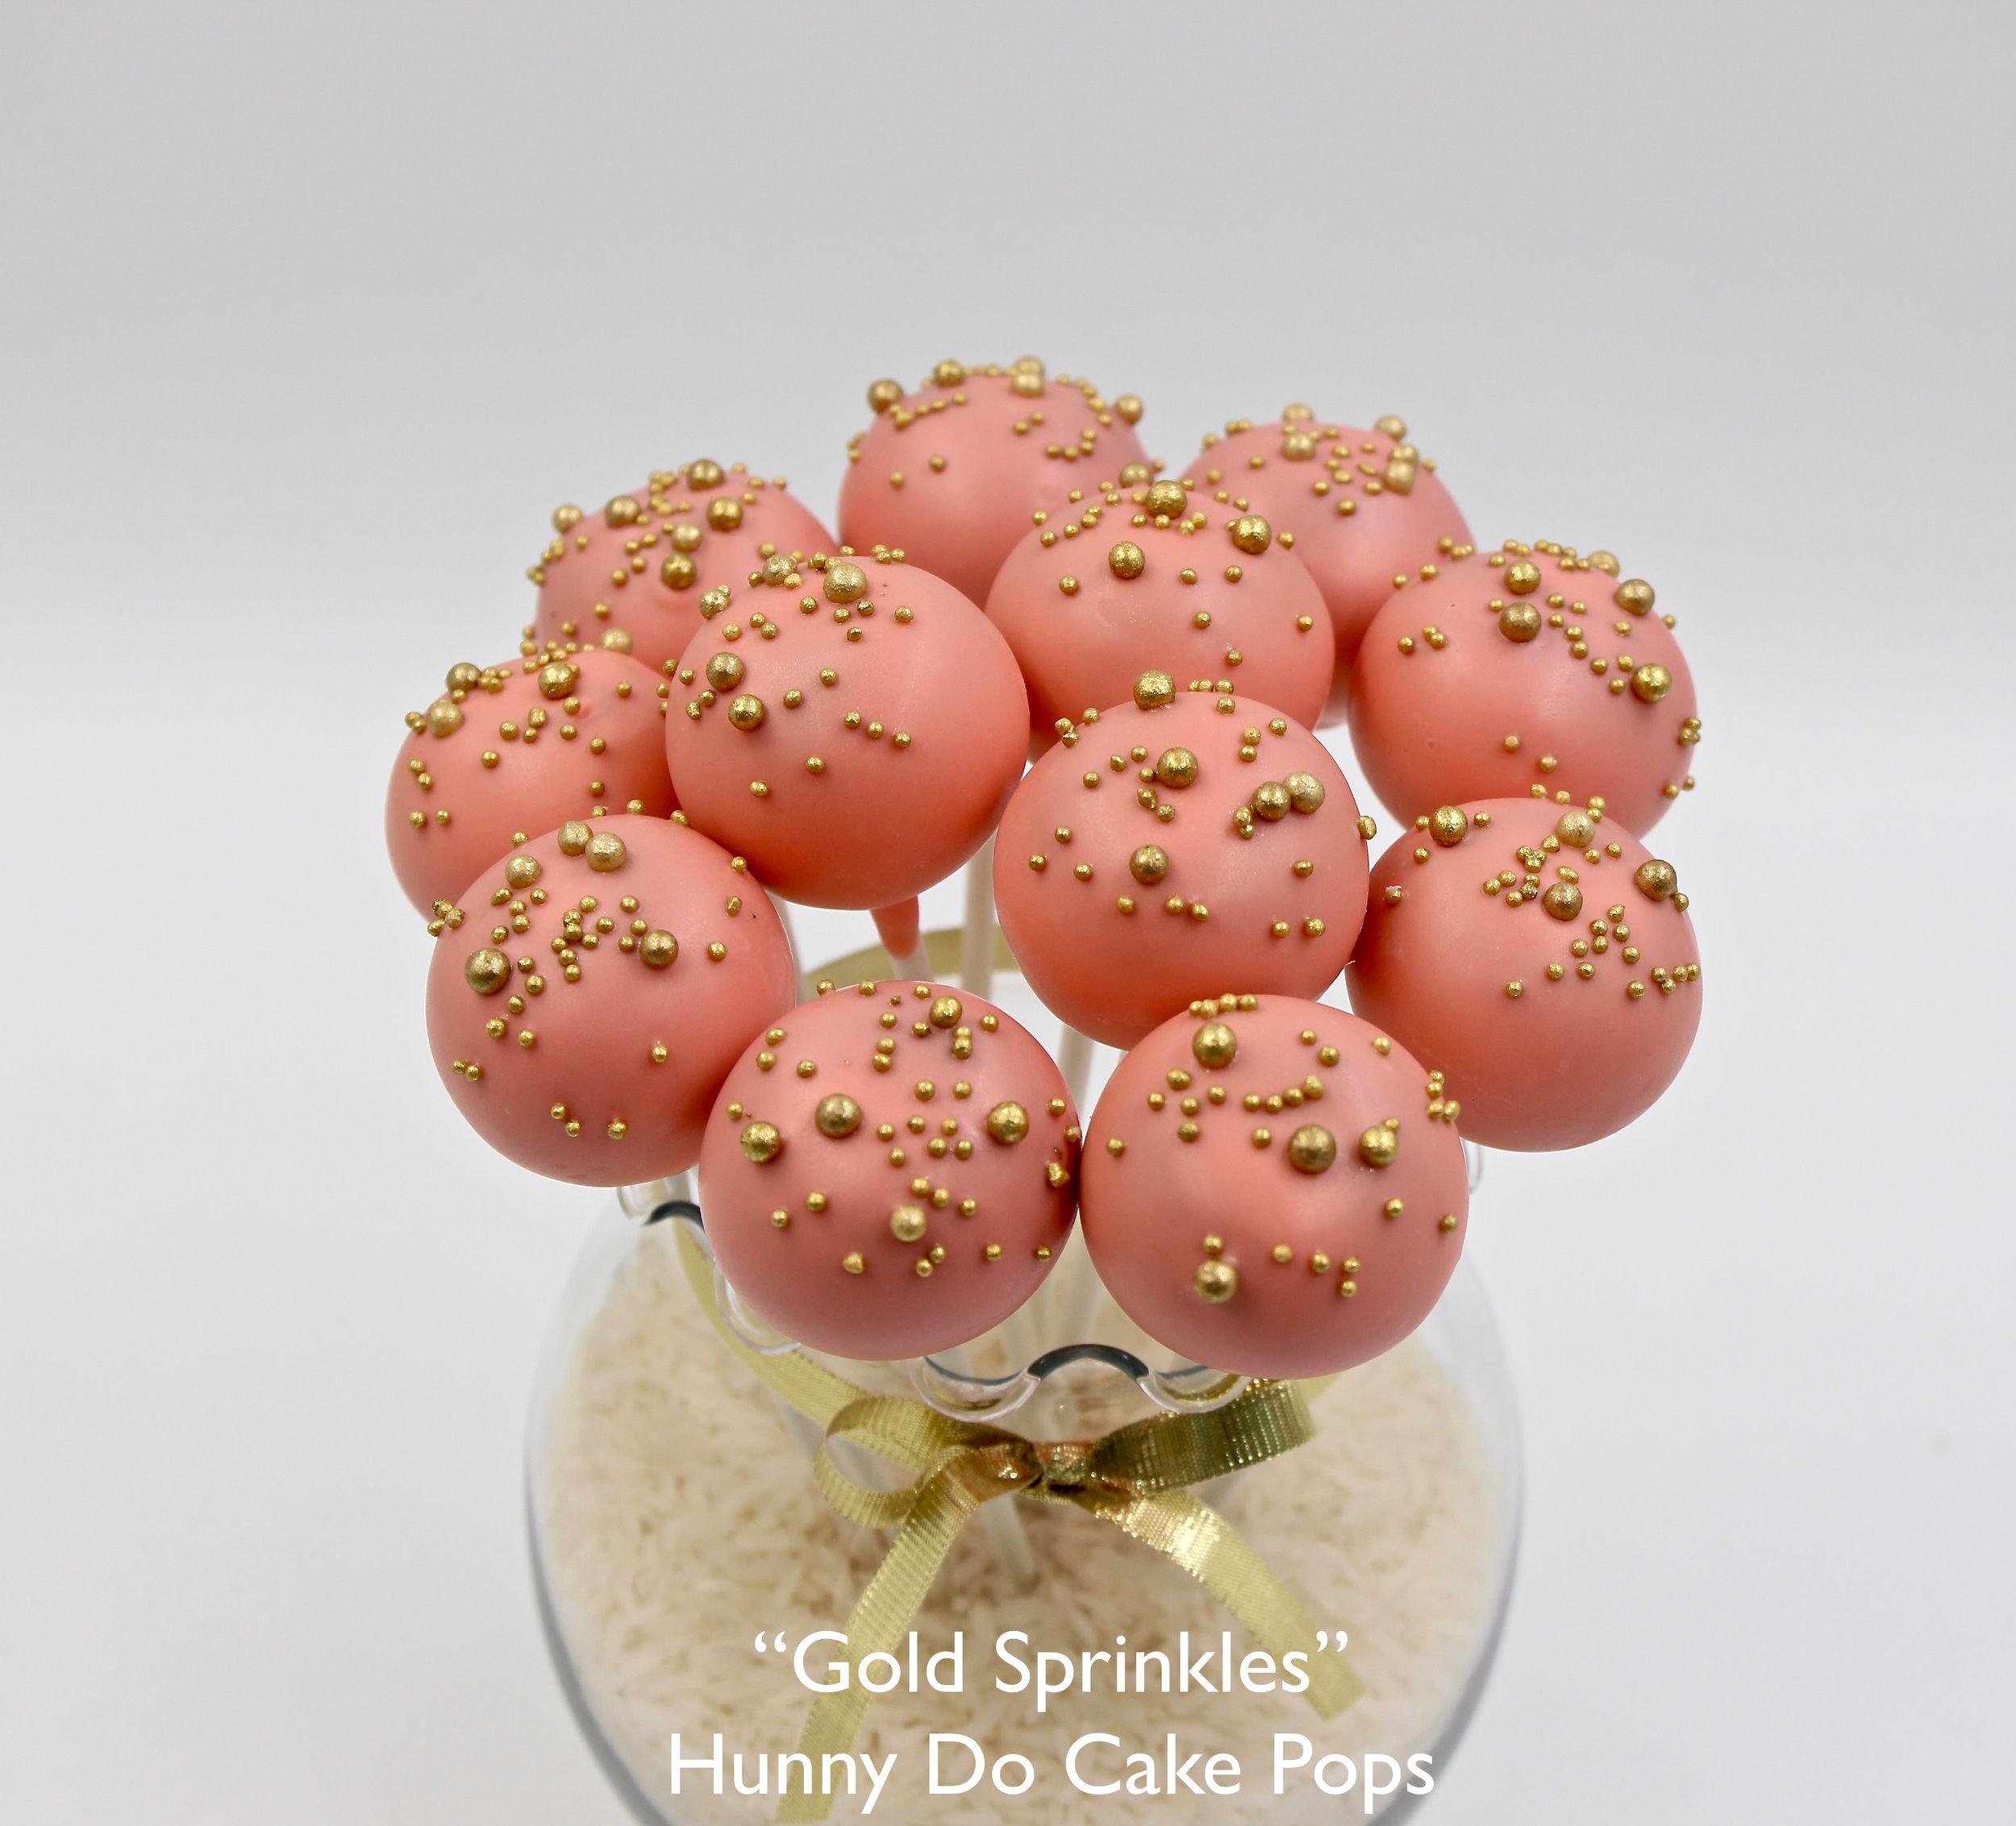 Gold Sprinkles Cake Pops HunnyDo 4.jpg